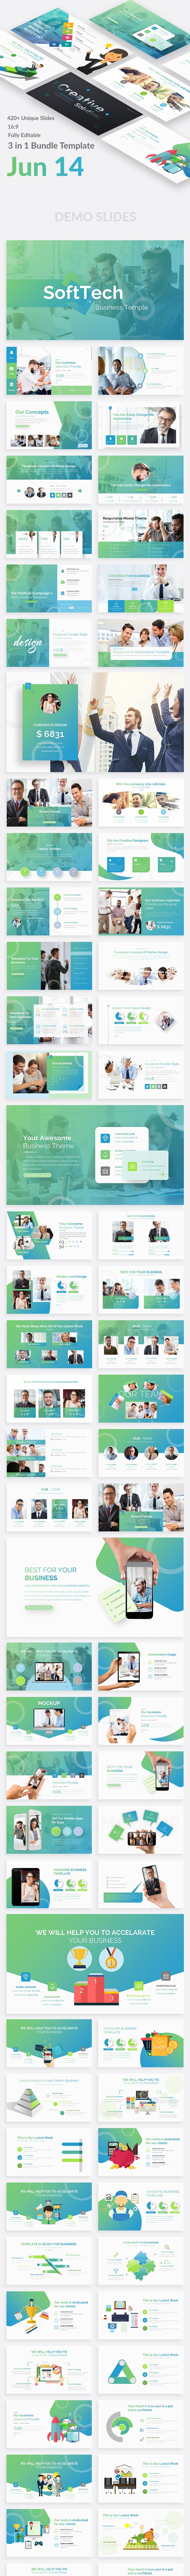 3 in 1 Business - Jun 14 Premium Bundle Google Slide Template - Google Slides Presentation Templates